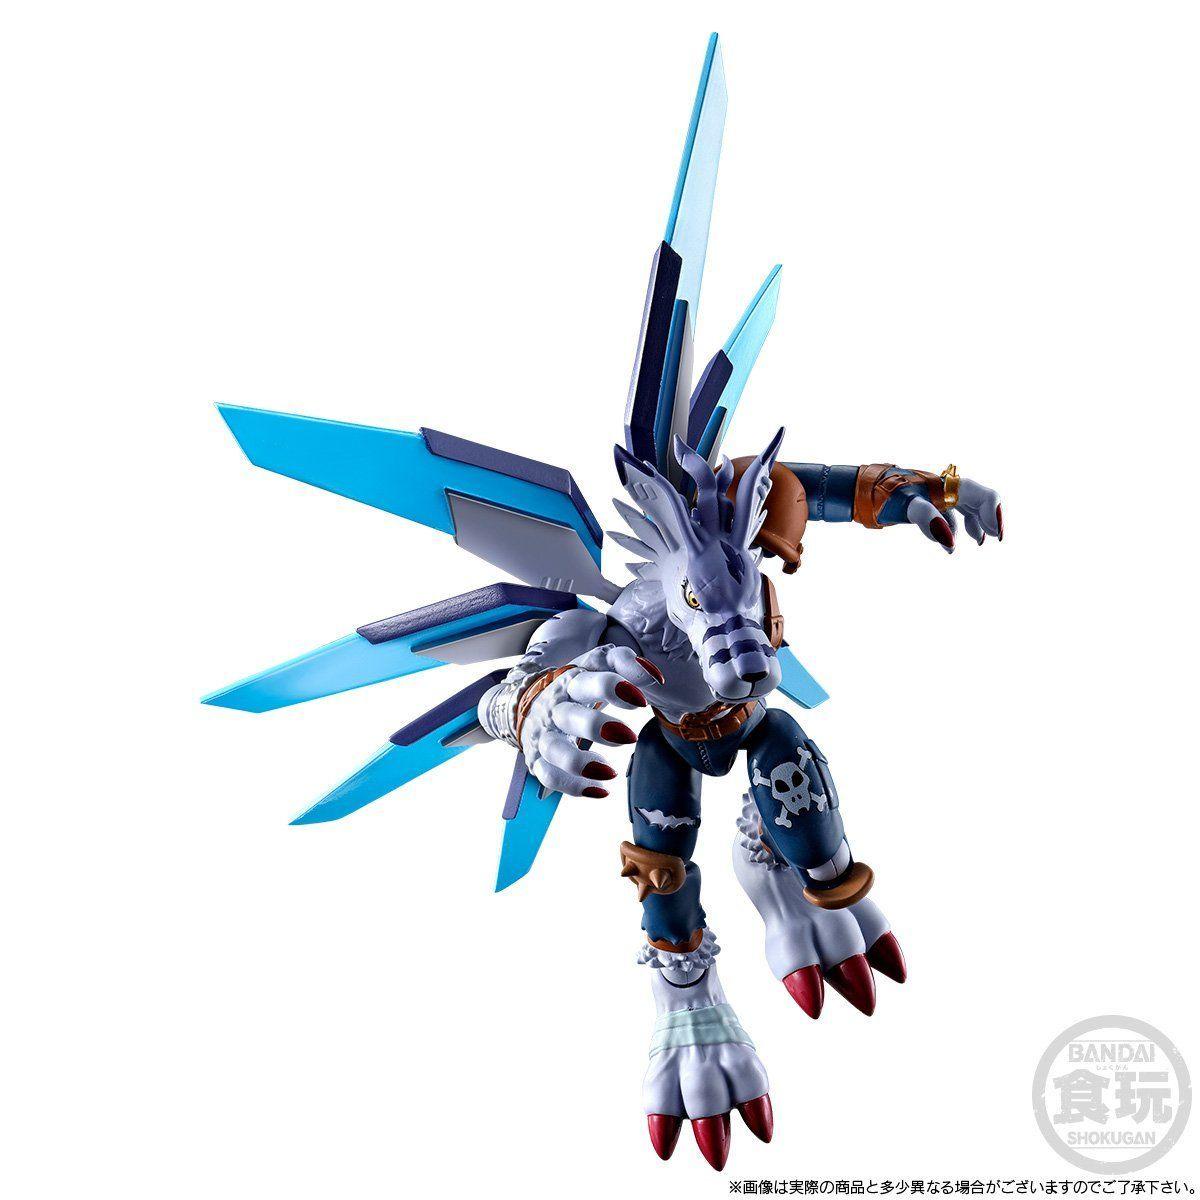 【限定販売】【食玩】SHODO デジモン『メタルグレイモン&ワーガルルモン』コンプリートセット-008